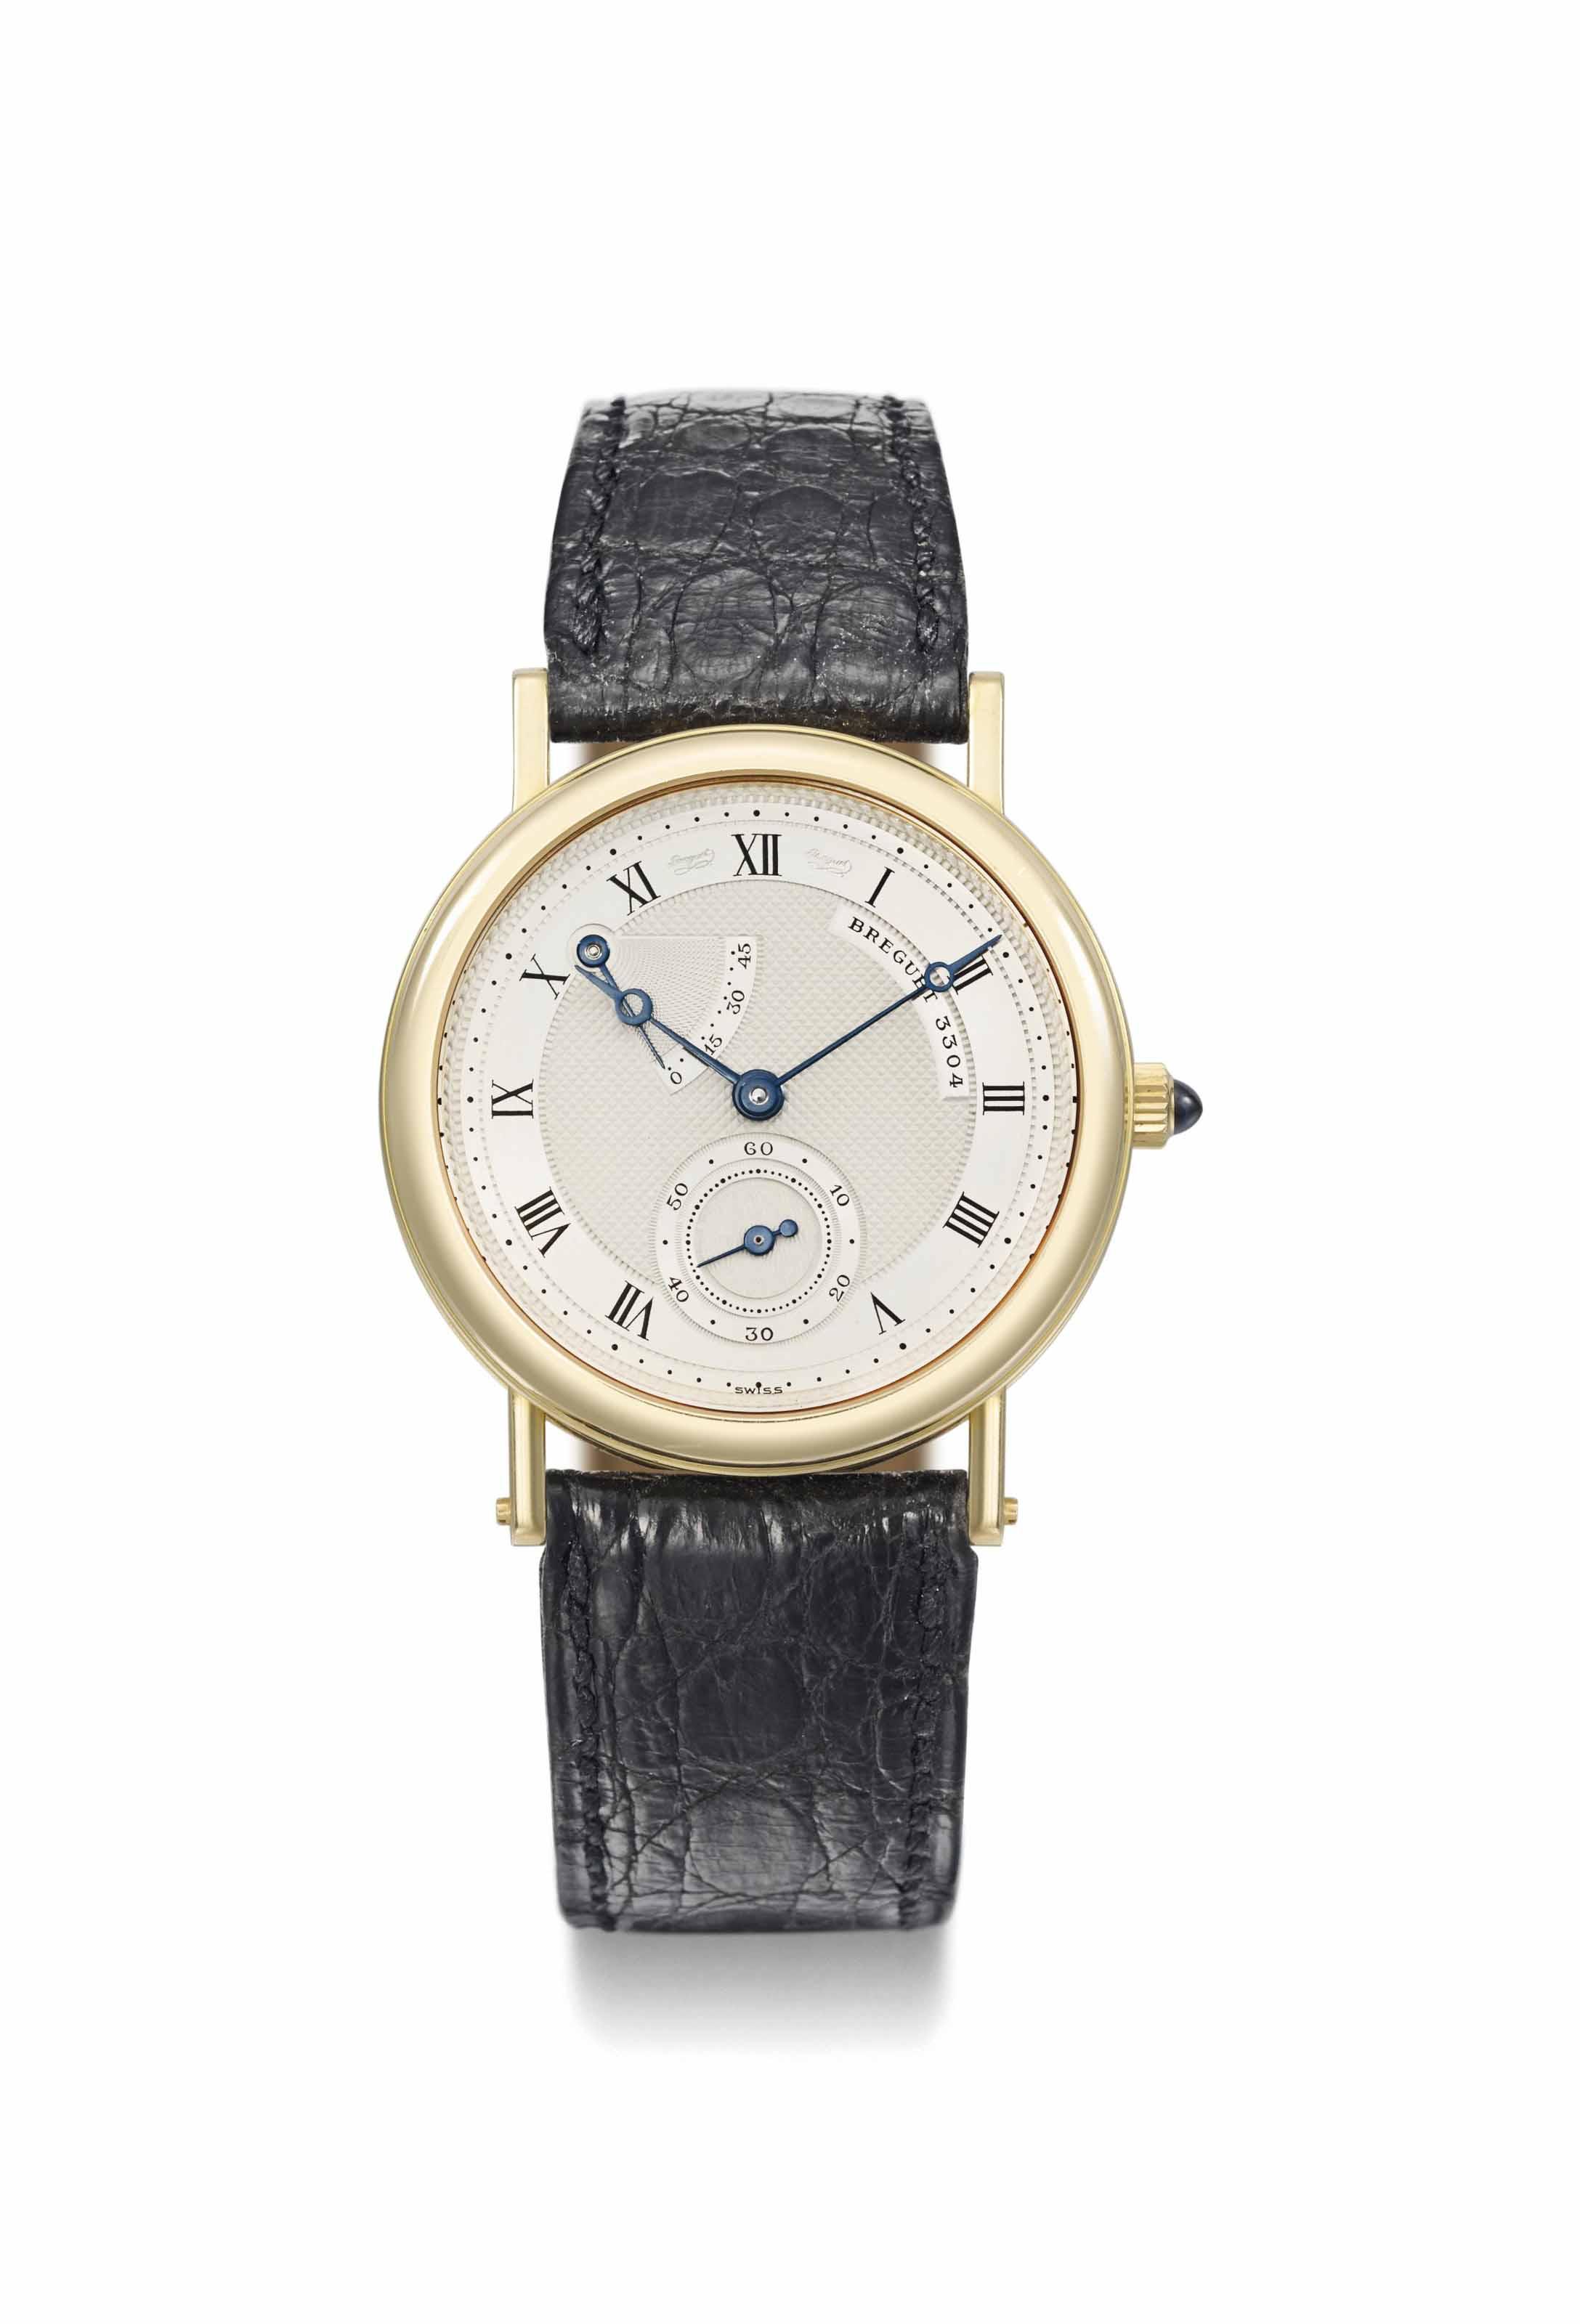 Breguet. A fine 18K gold wrist